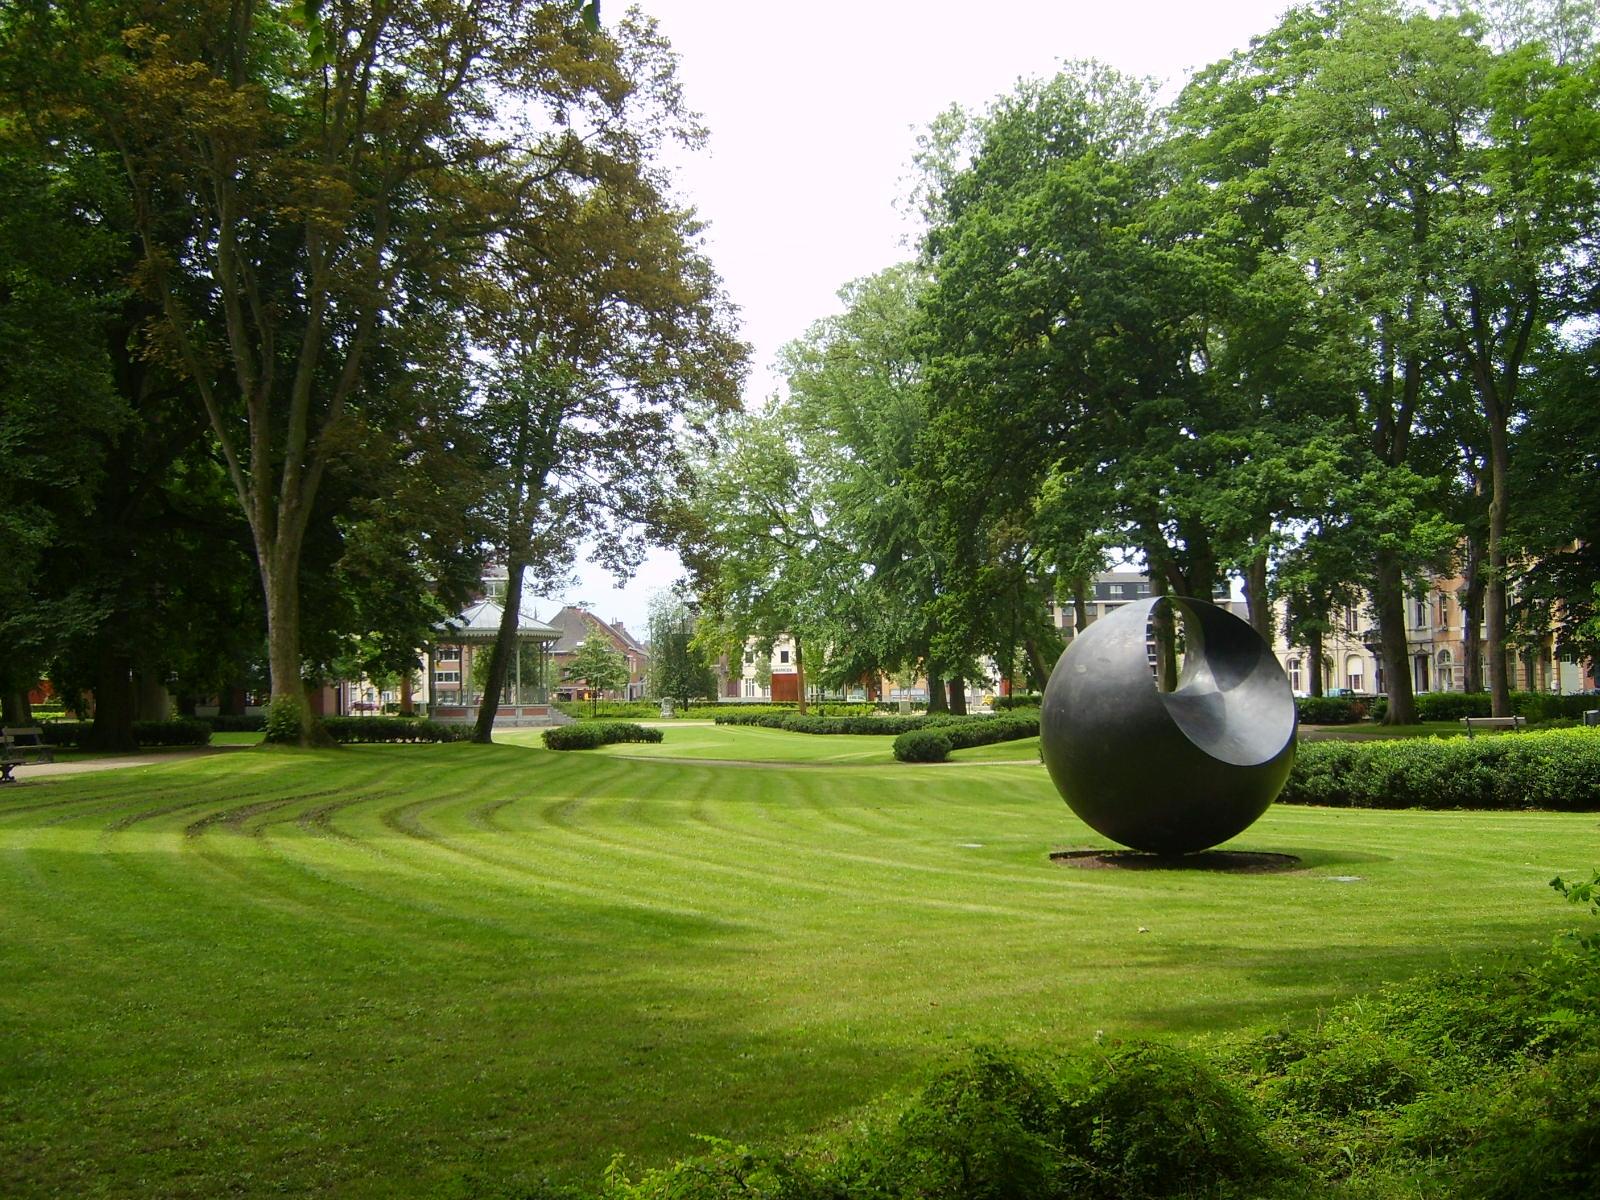 Foire de jardin d 39 ath entre la belgique et la france ath 7800 du vendredi 29 ao t 2008 - Table jardin romantique fort de france ...